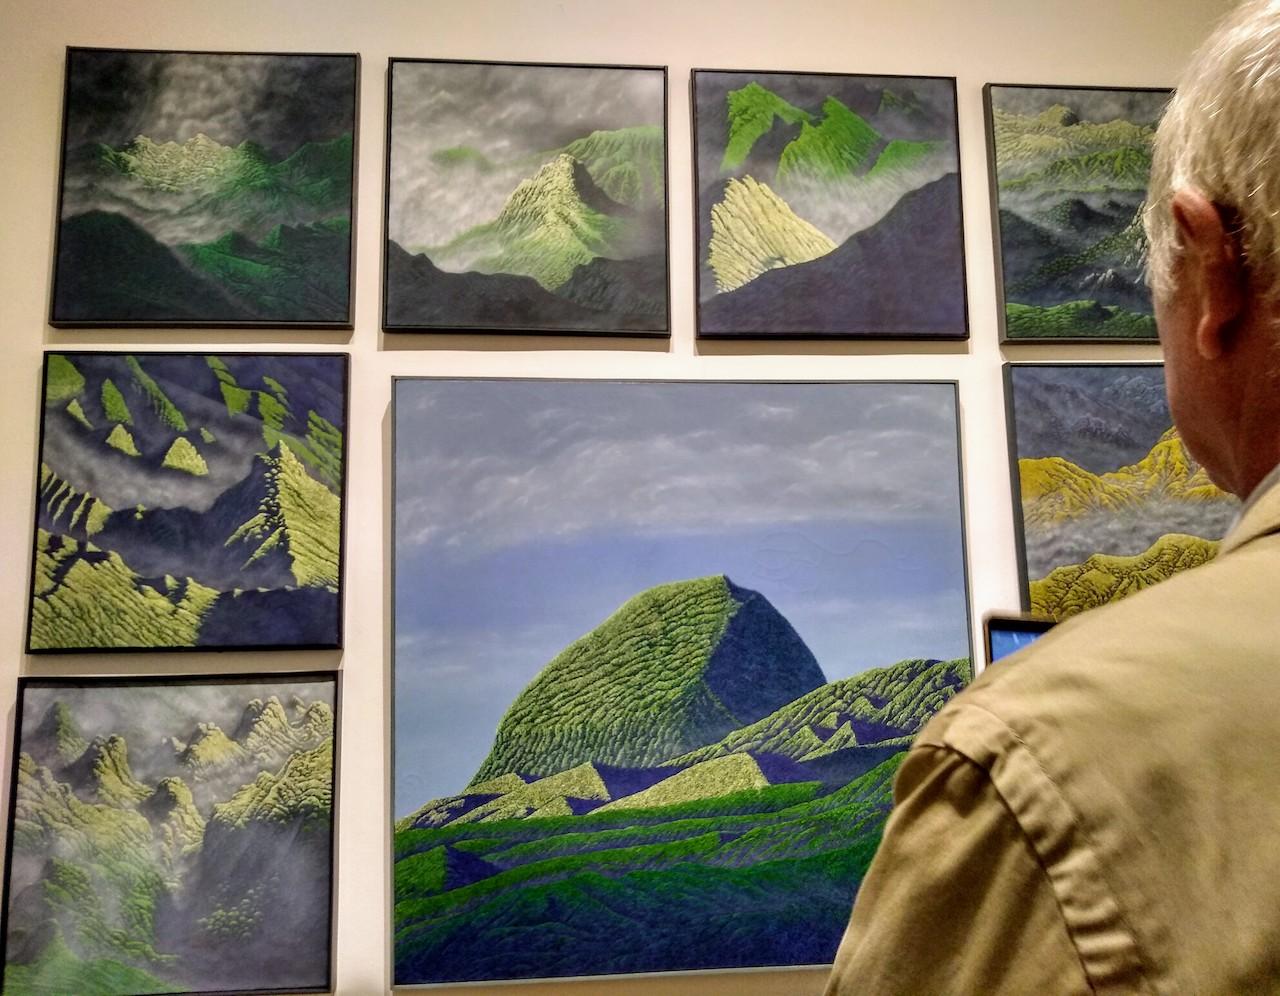 ¿Cómo son los museos en la virtualidad? Como las personas, diferentes pero igualmente creativos, responde Felicitas Luna, directora del MAP